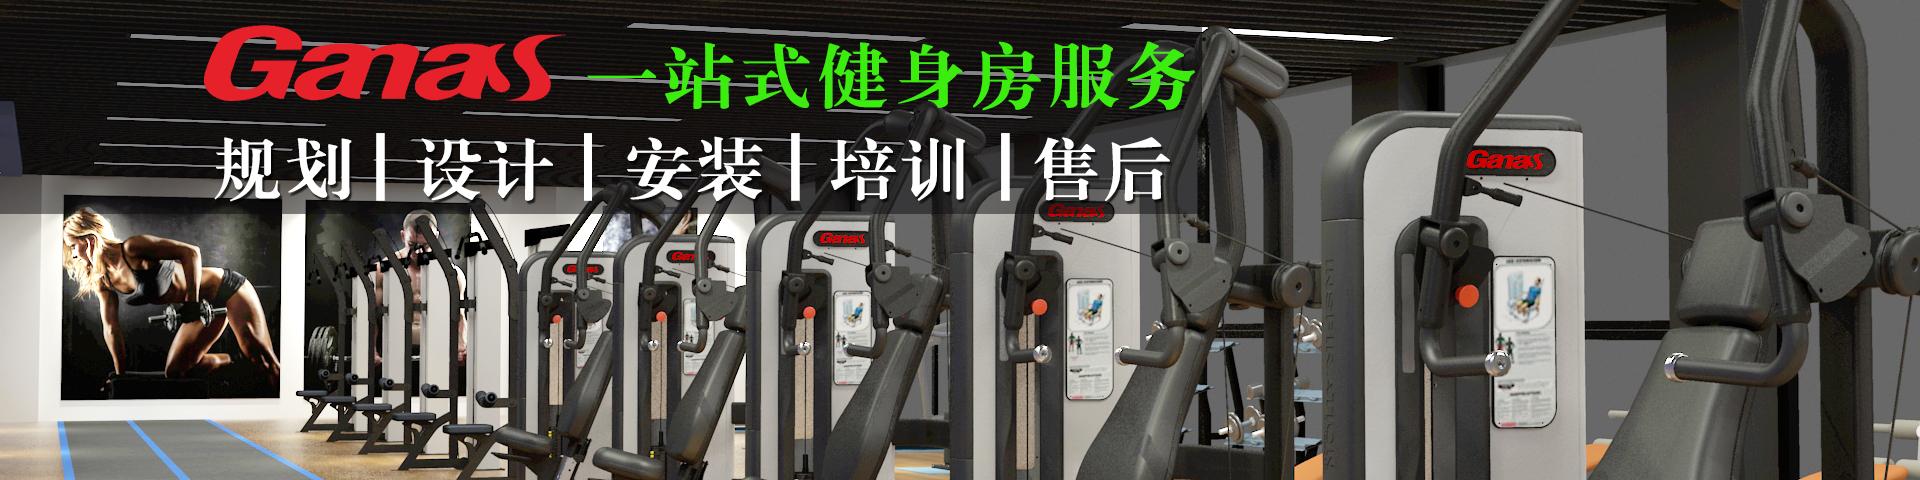 健身器材规划,健身房设计,健身器材安装